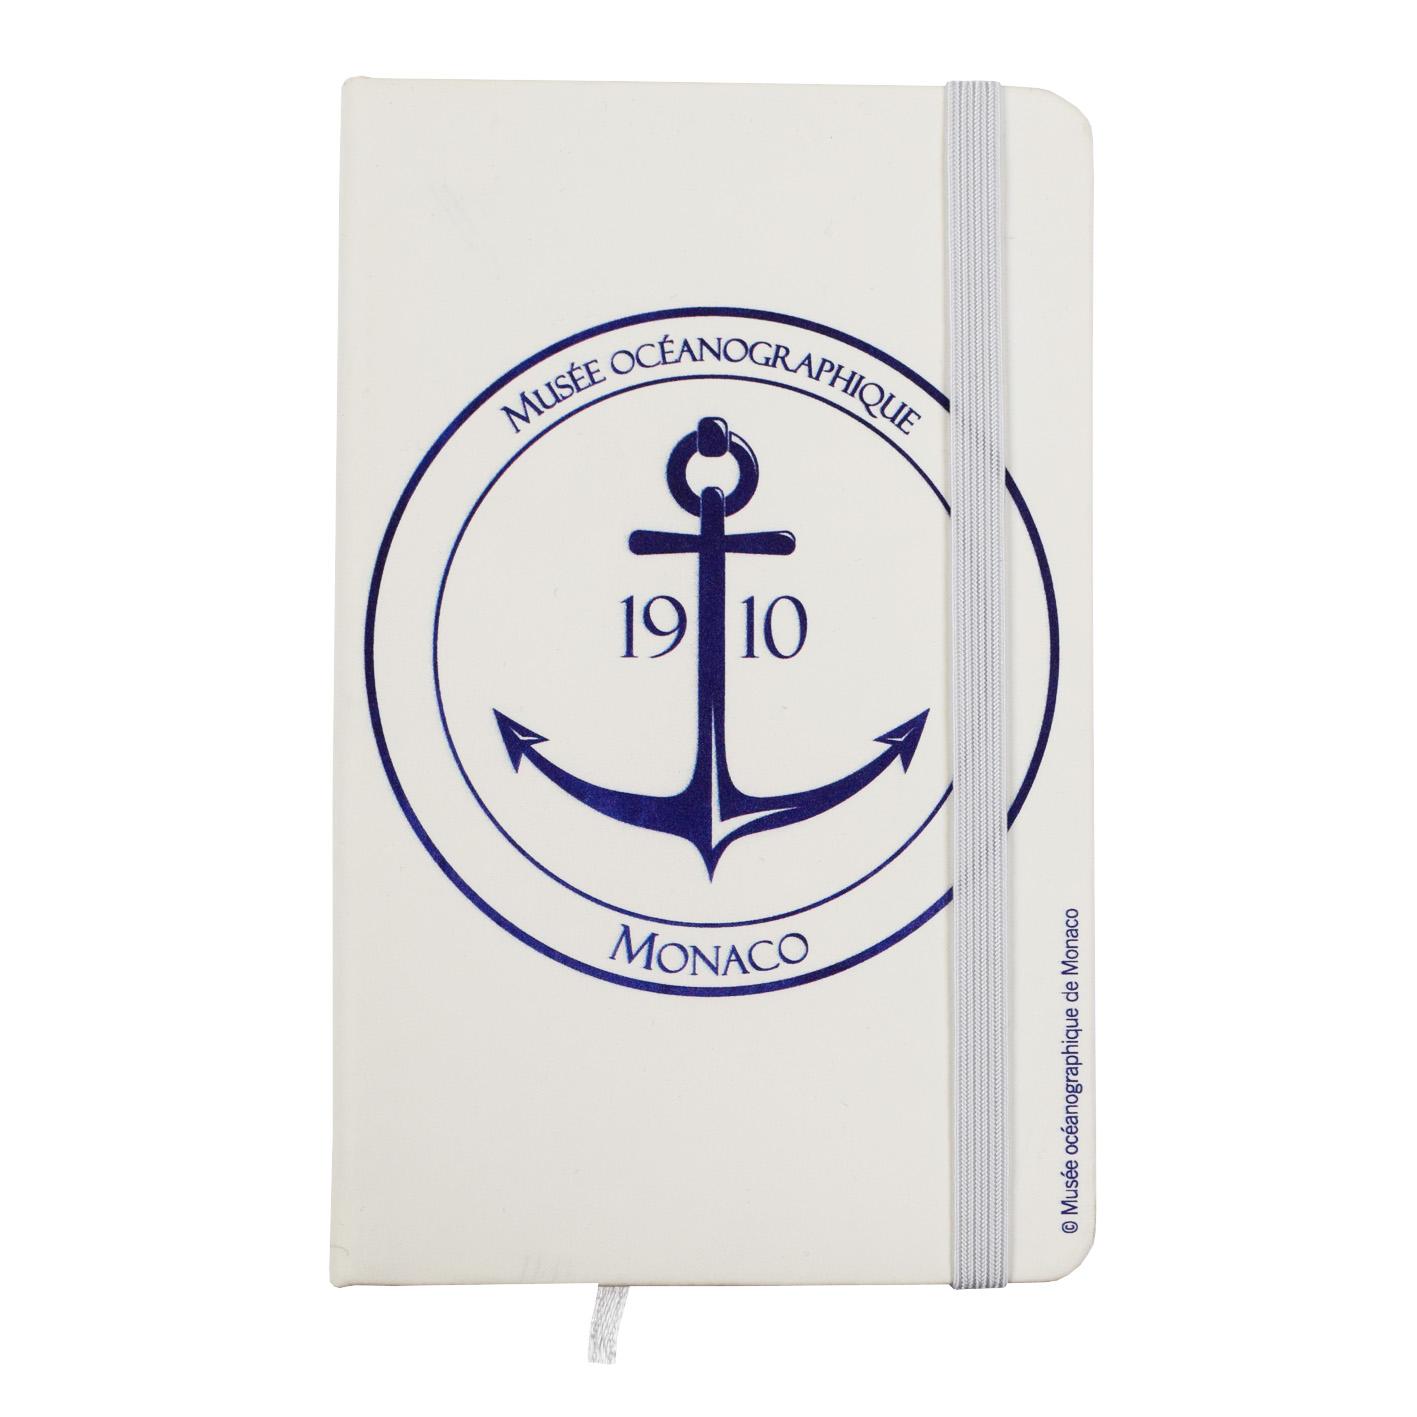 Agenda personalizzata con stemma del Museo Oceanografico di Monaco